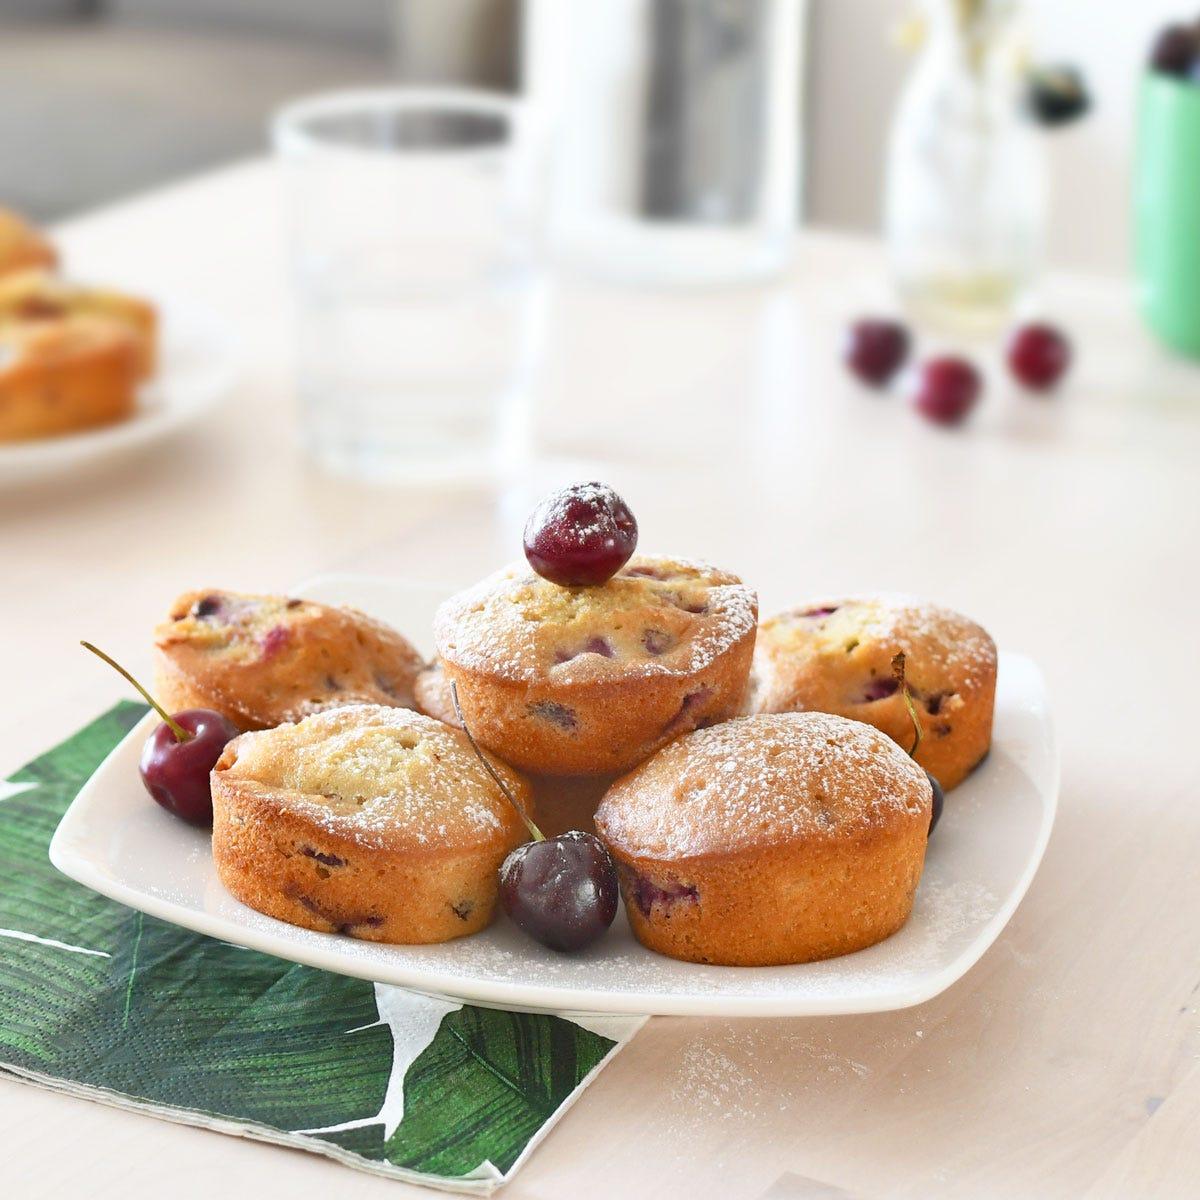 De délicieux muffins aux cerises pour le goûter des enfants ! Très simples à préparer avec les fruits d'été !